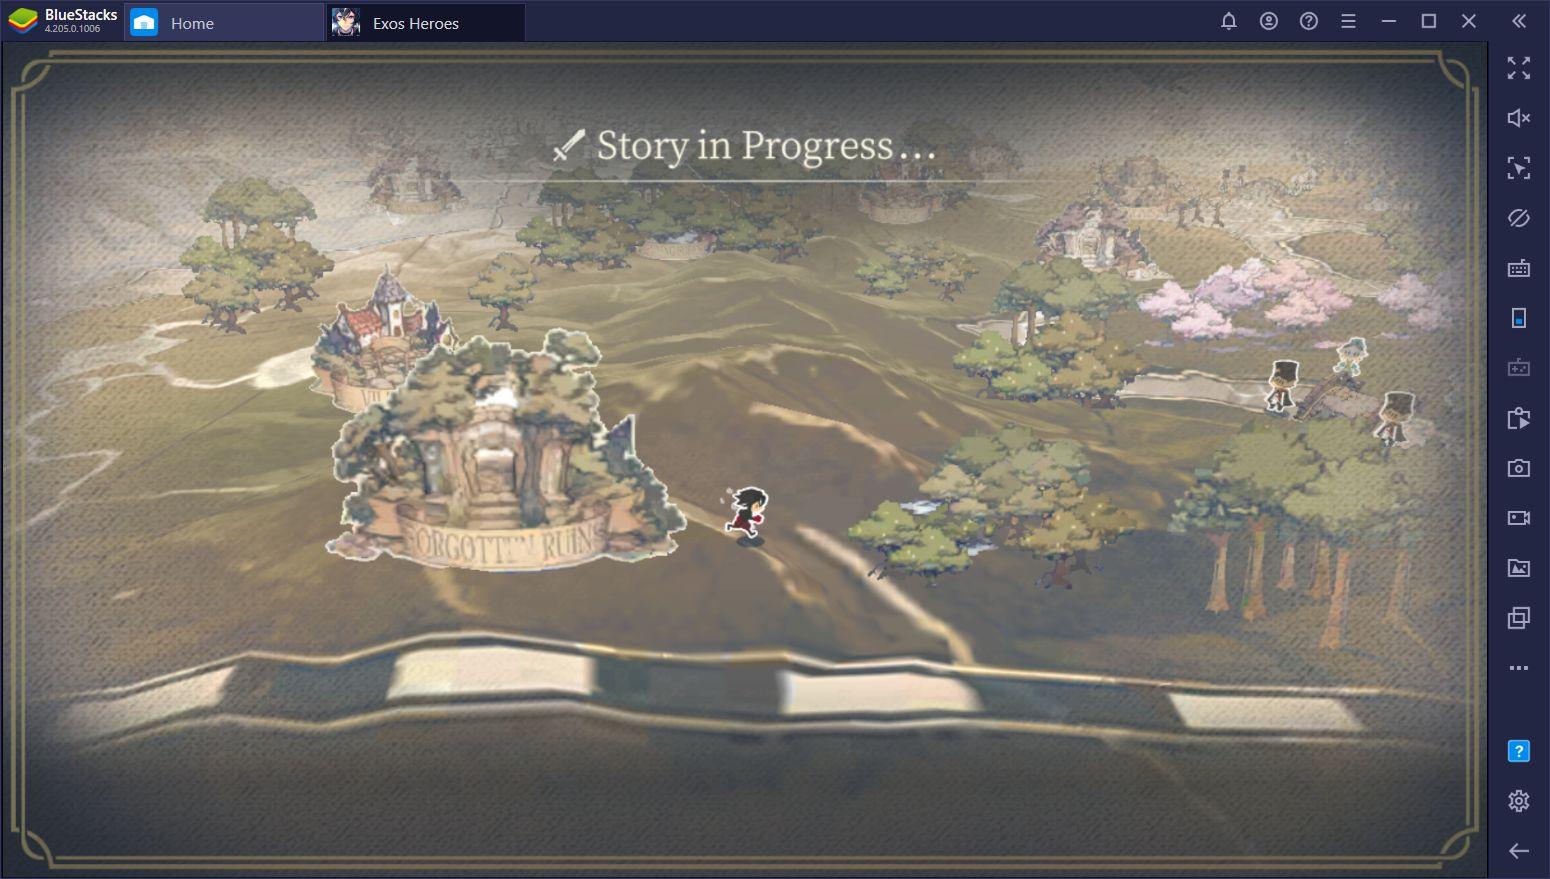 Guide débutant sur les combats dans Exos Heroes